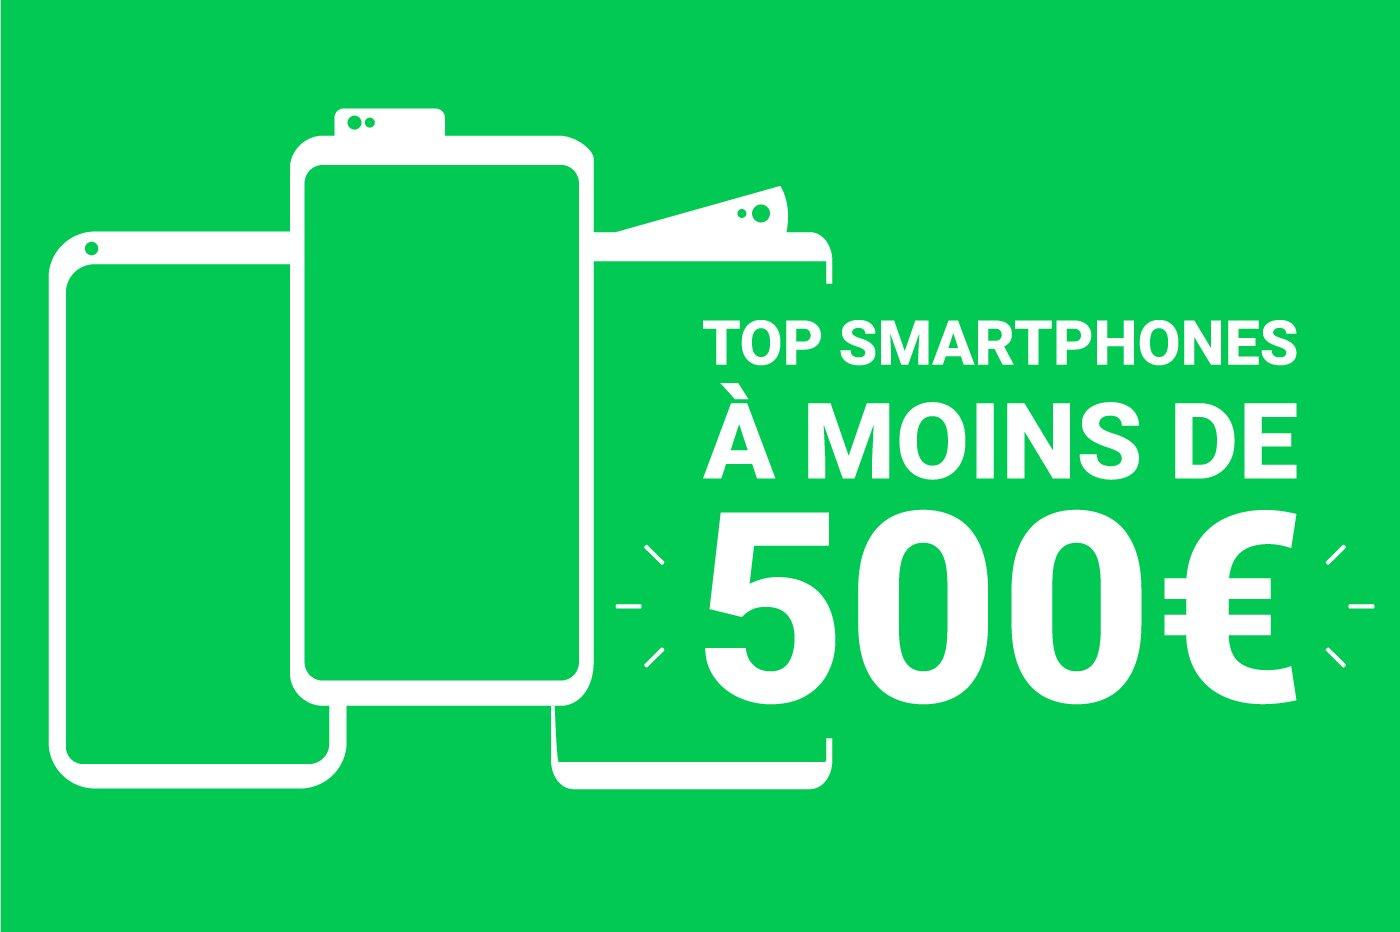 Quel est le meilleur smartphone à moins de 500 euros en 2020?